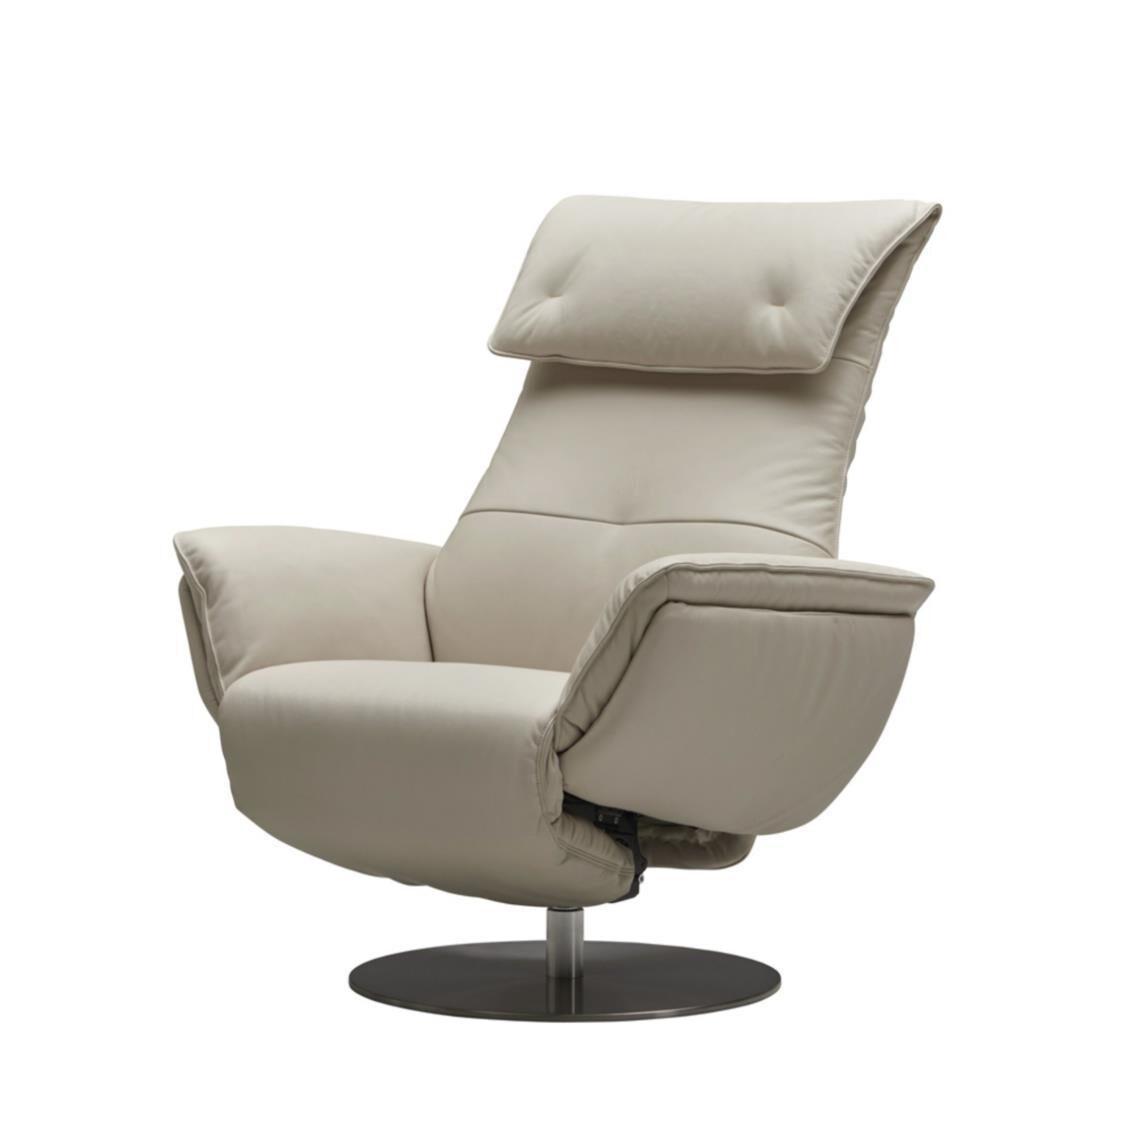 Iloom Wolke Chair - Half Leather L660 Powder